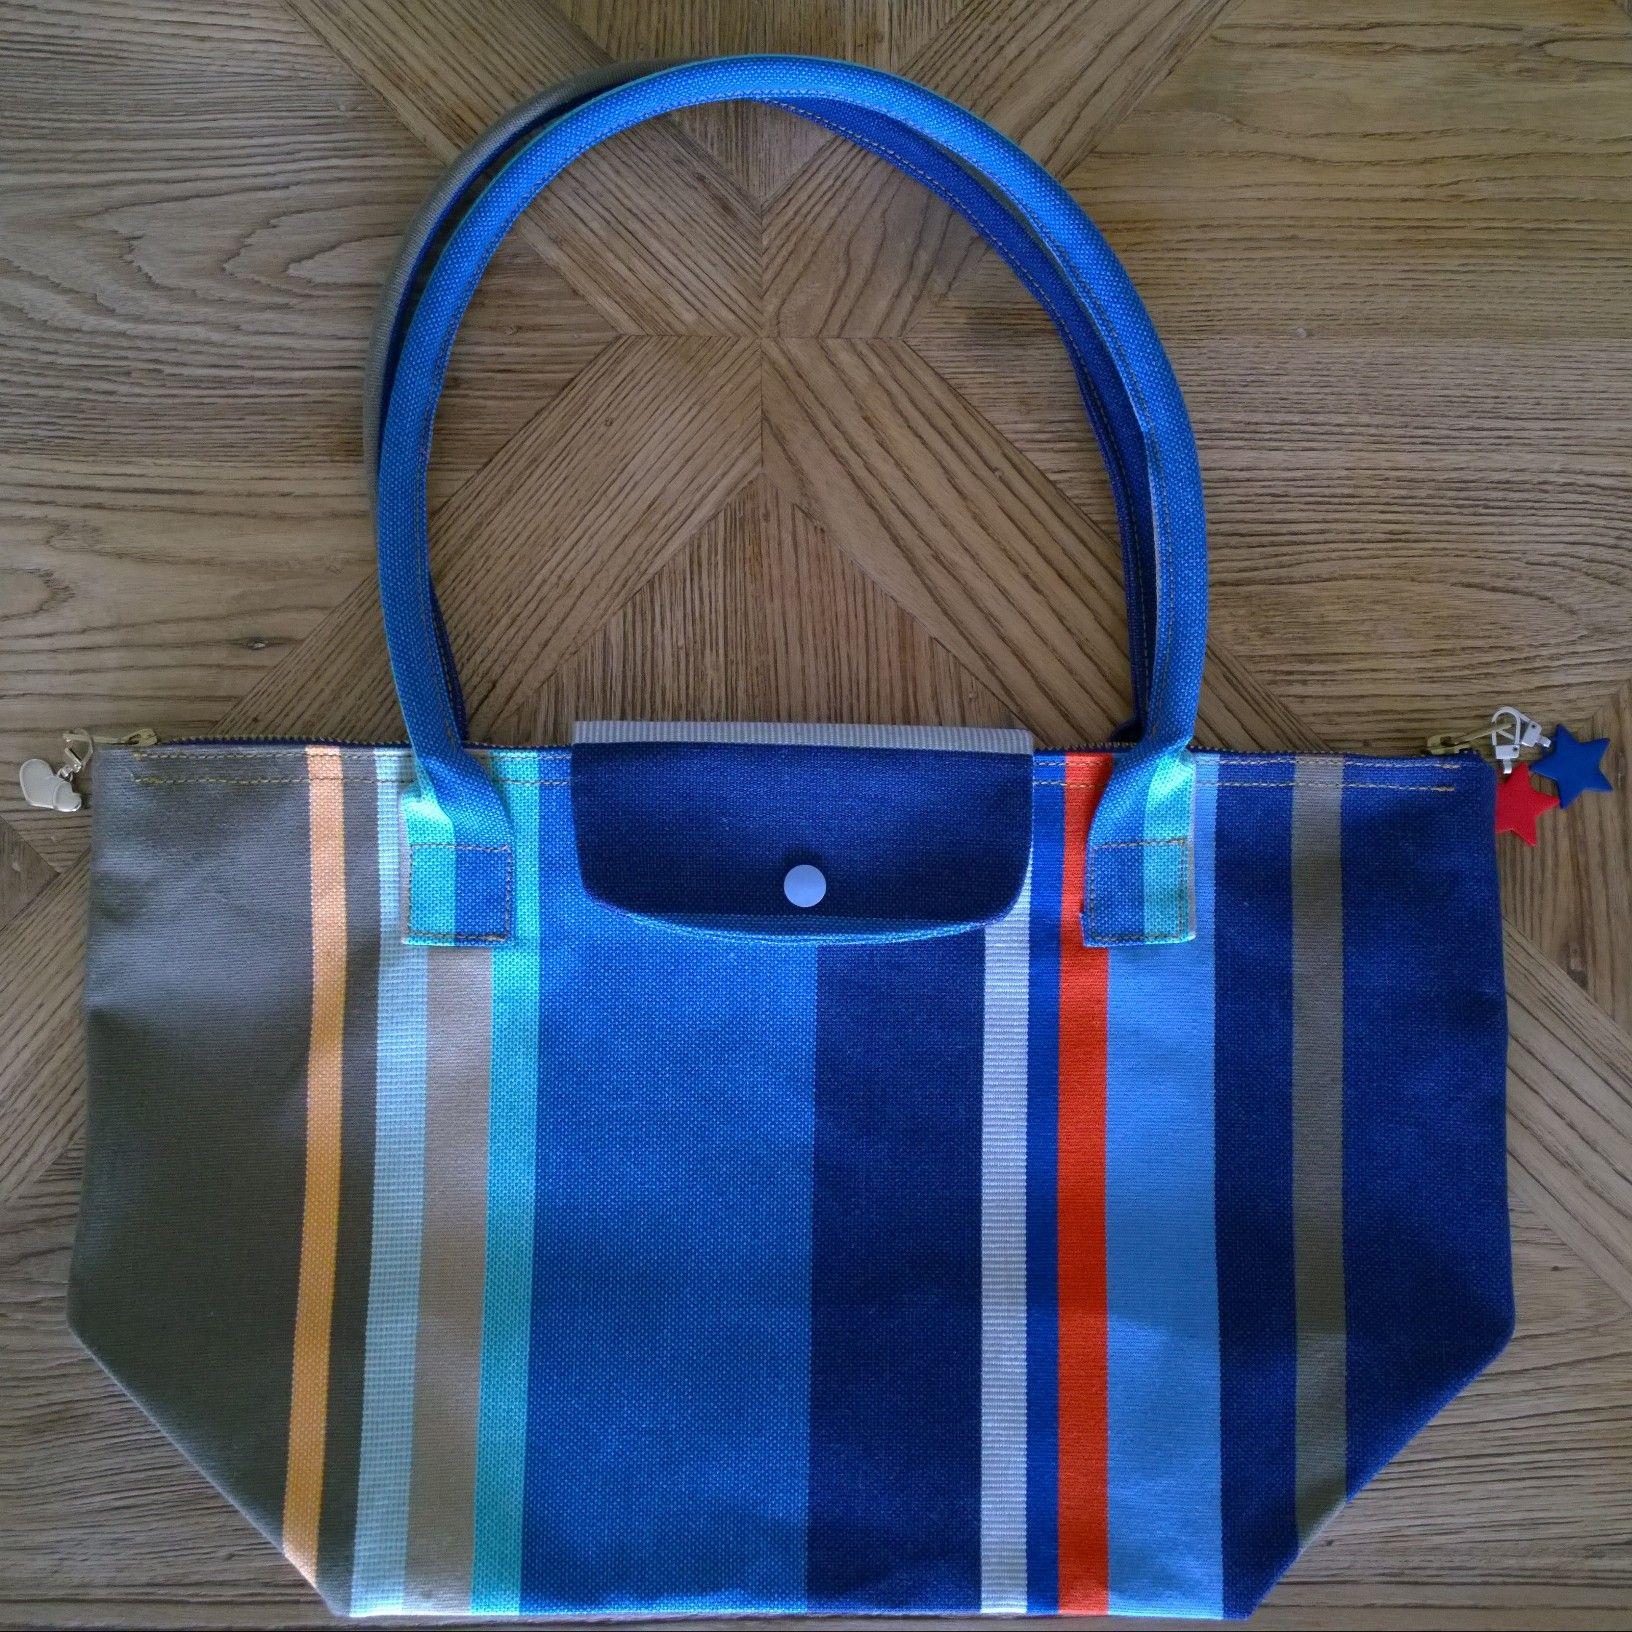 3861e1048b Longchamp ®Vêtements Pliage DiyLe Et De Plage Tuto Façon Sac Ny0mnO8wv